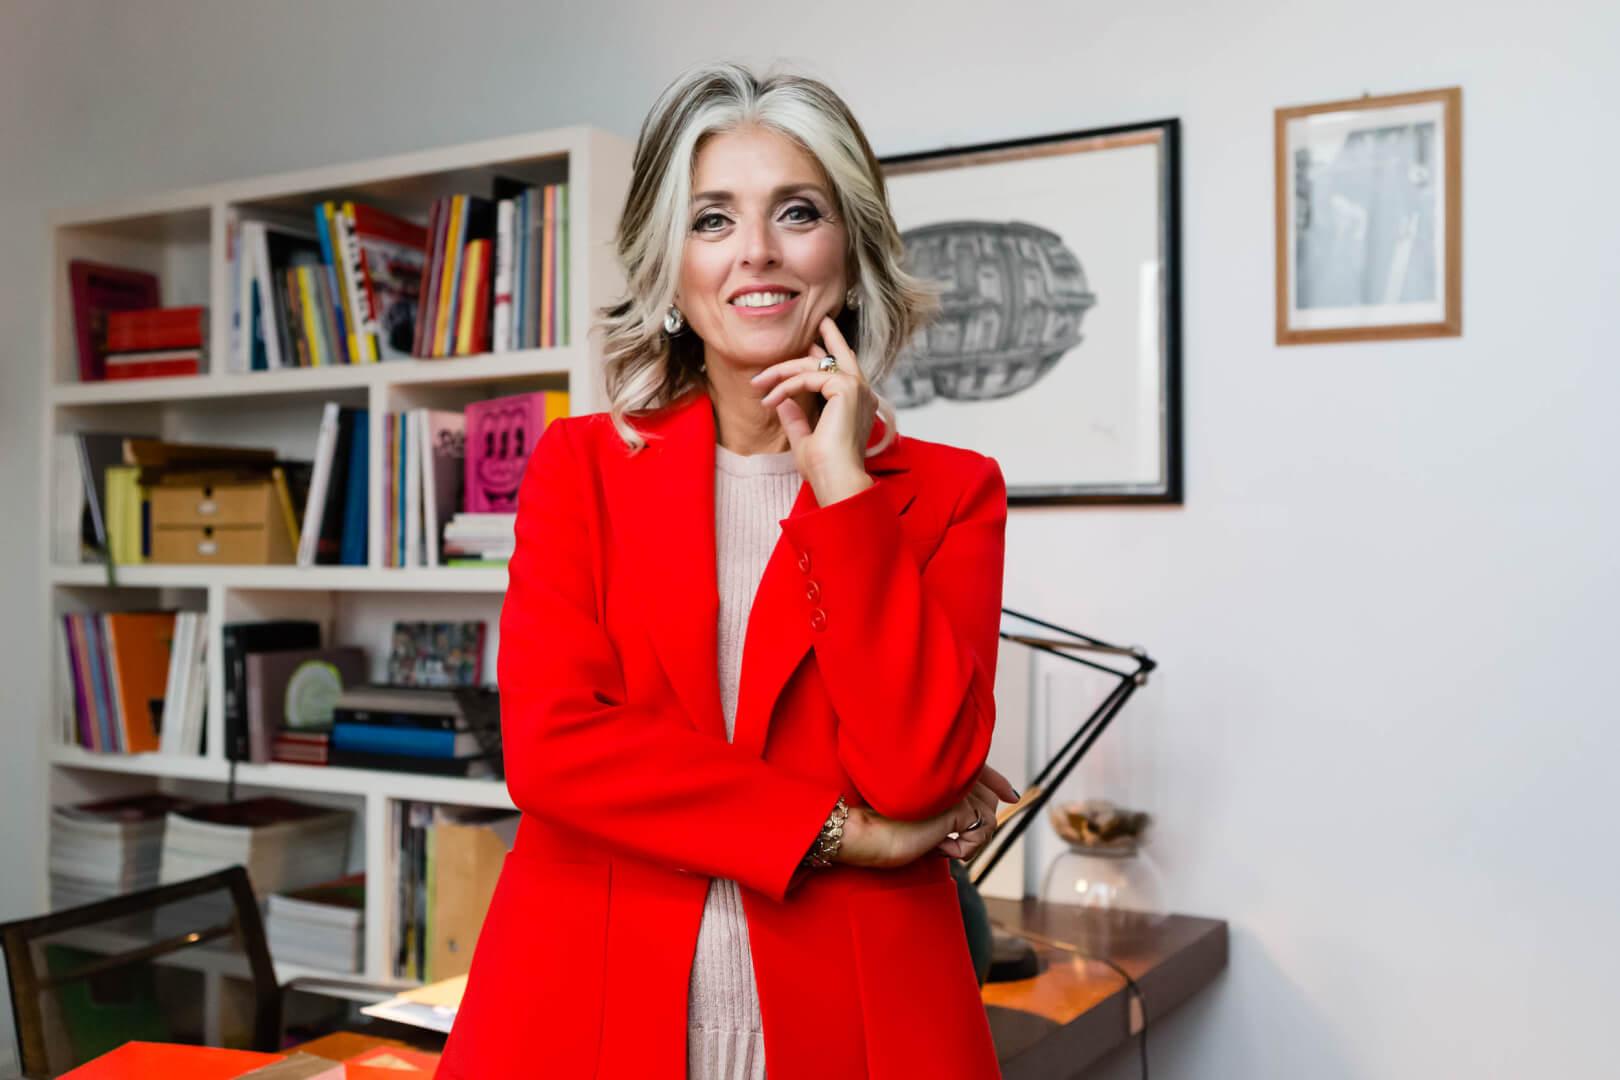 La conduttrice TV ed esperta mediatrice immobiliare, Paola Marella